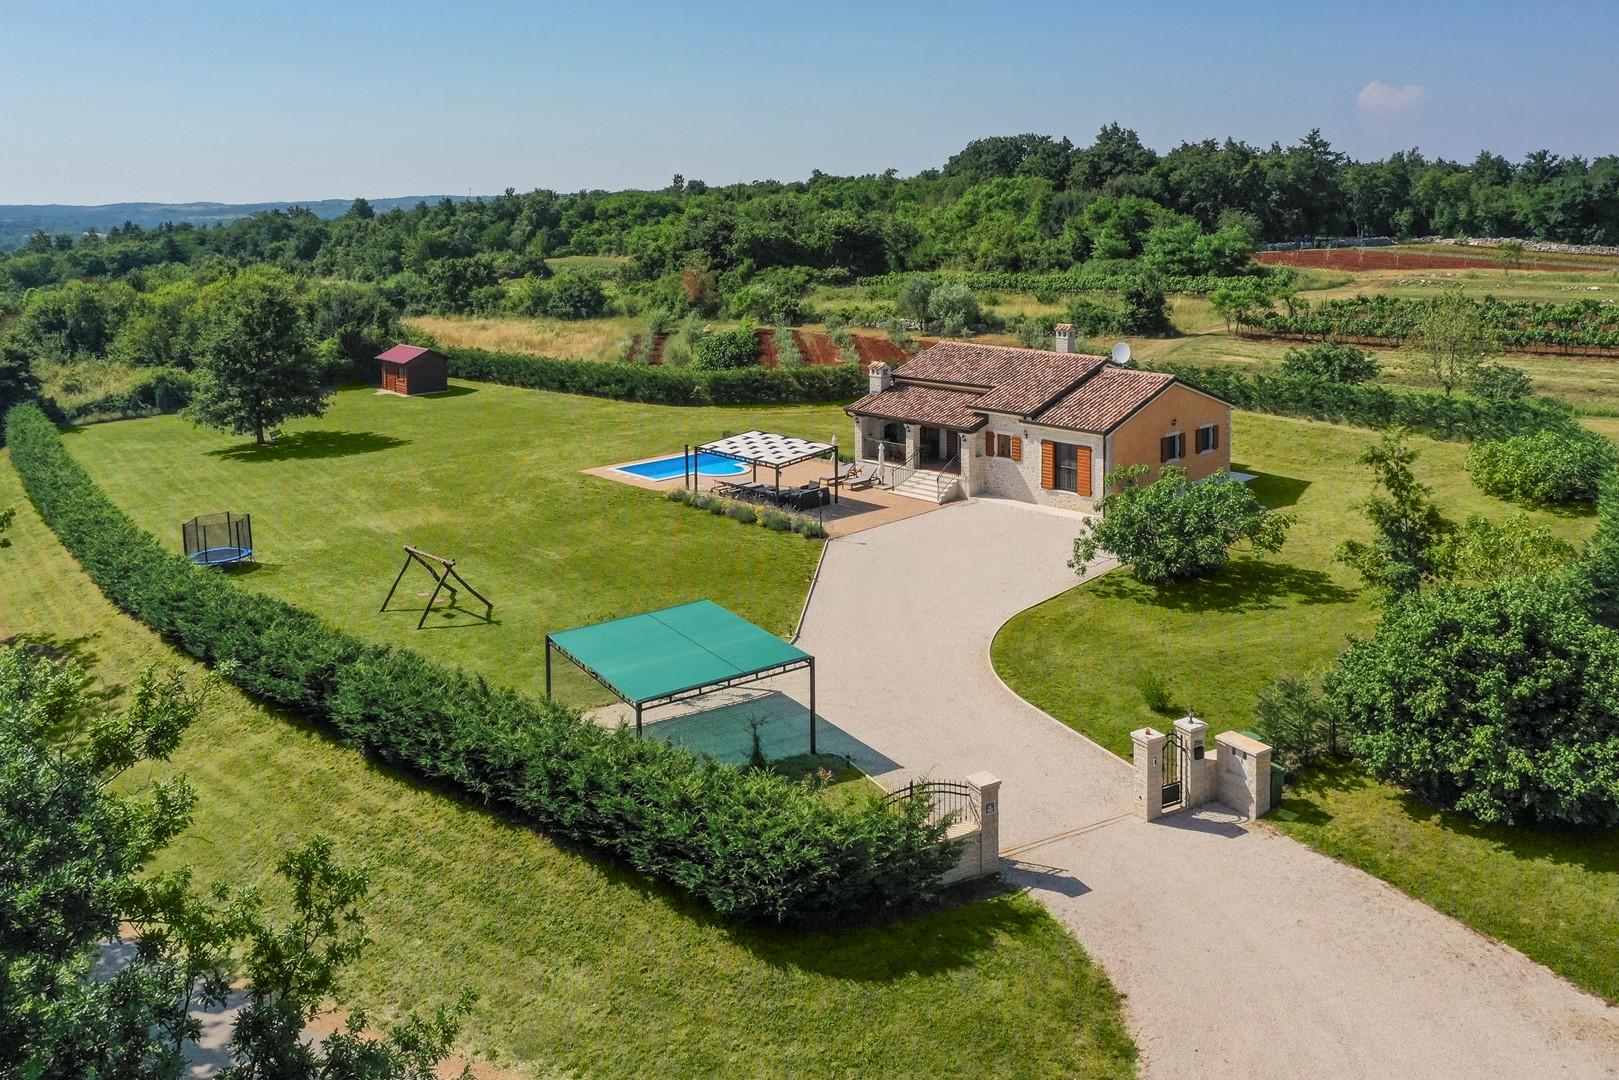 Ferienhaus Villa Elida mit Pool in abgelegene Lage - Zentral-Istrien (2789996), Pazin, , Istrien, Kroatien, Bild 39